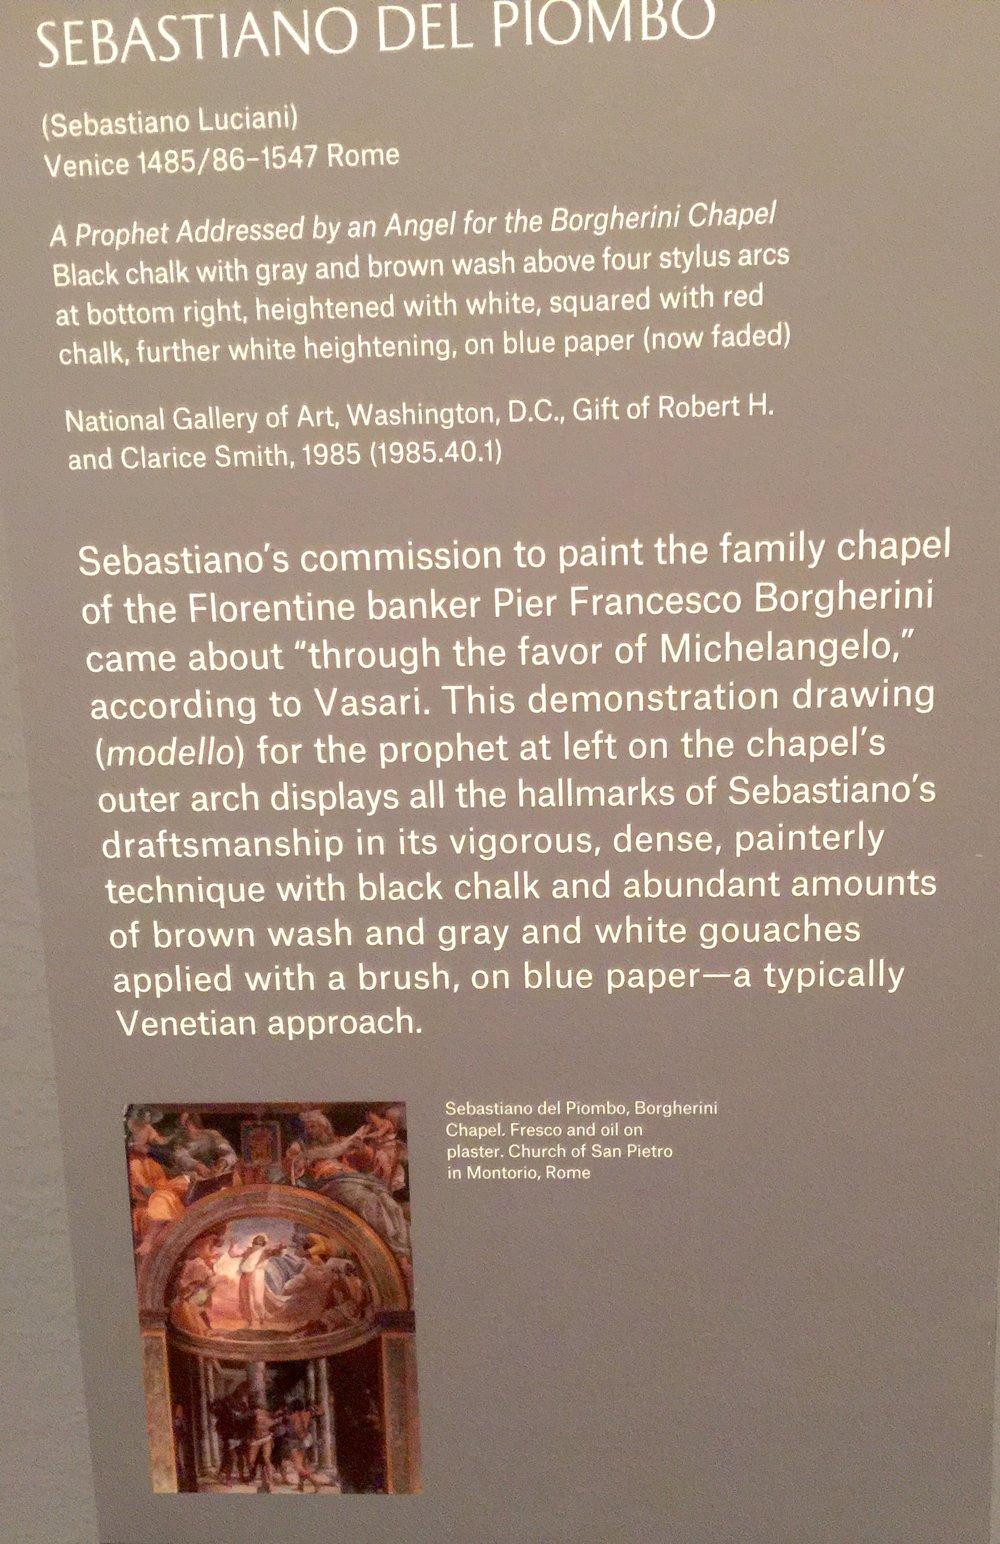 這是文藝復興時期意大利畫家、米開郞基羅的好友Sebastiano Del Piombo的作品,據稱,Sebastiano Del Piombo是通過米開郞基羅得到這個教堂壁畫項目的。